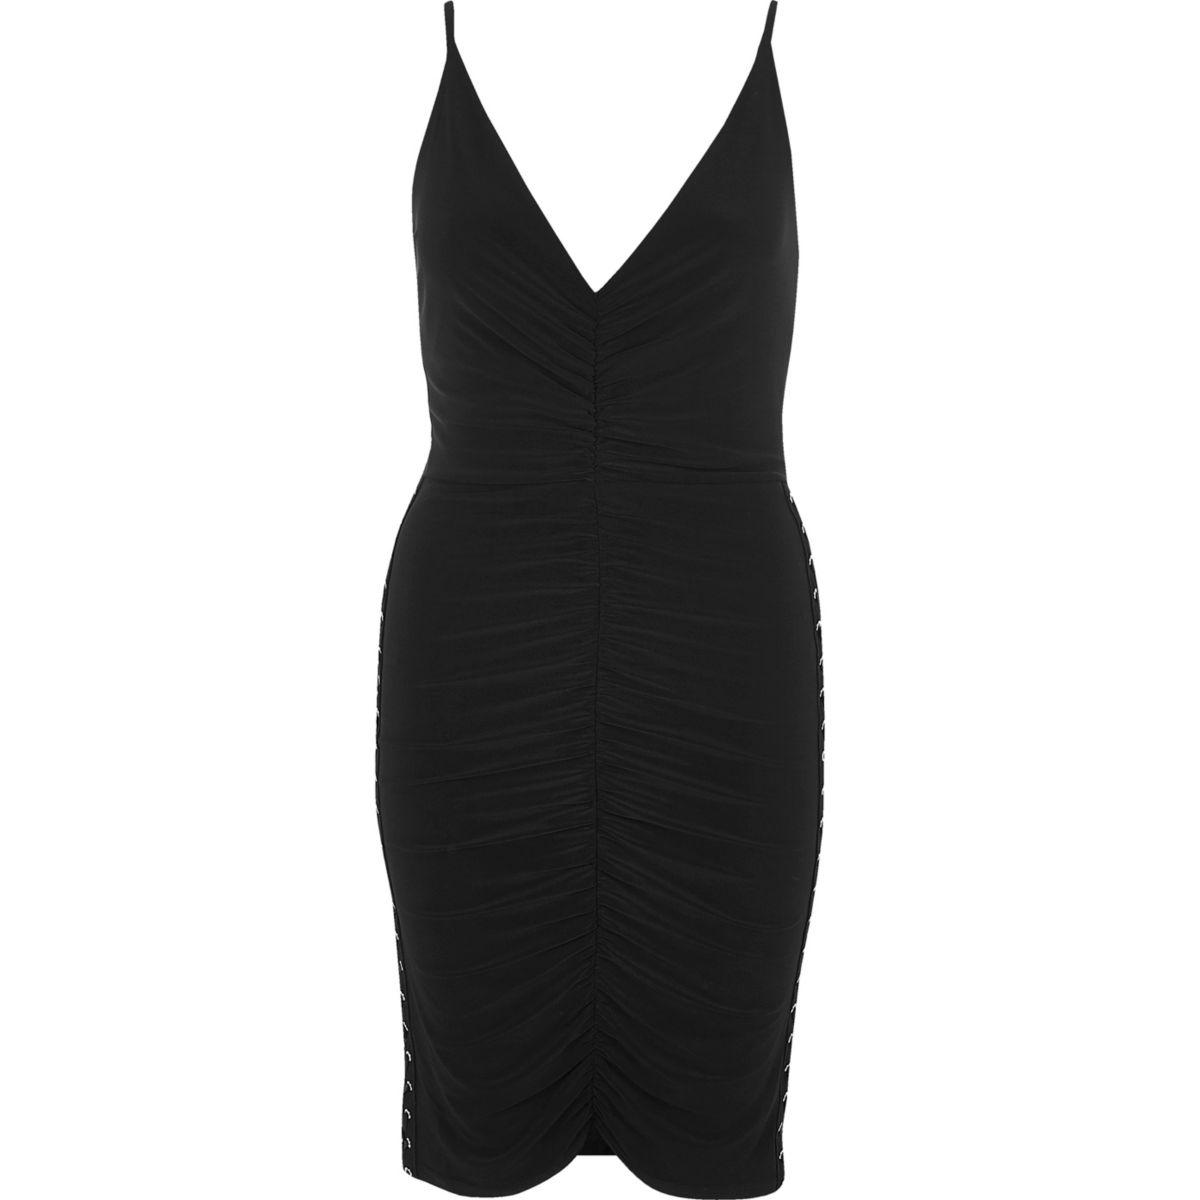 Zwarte jurk met corsetsluiting opzij en ruches